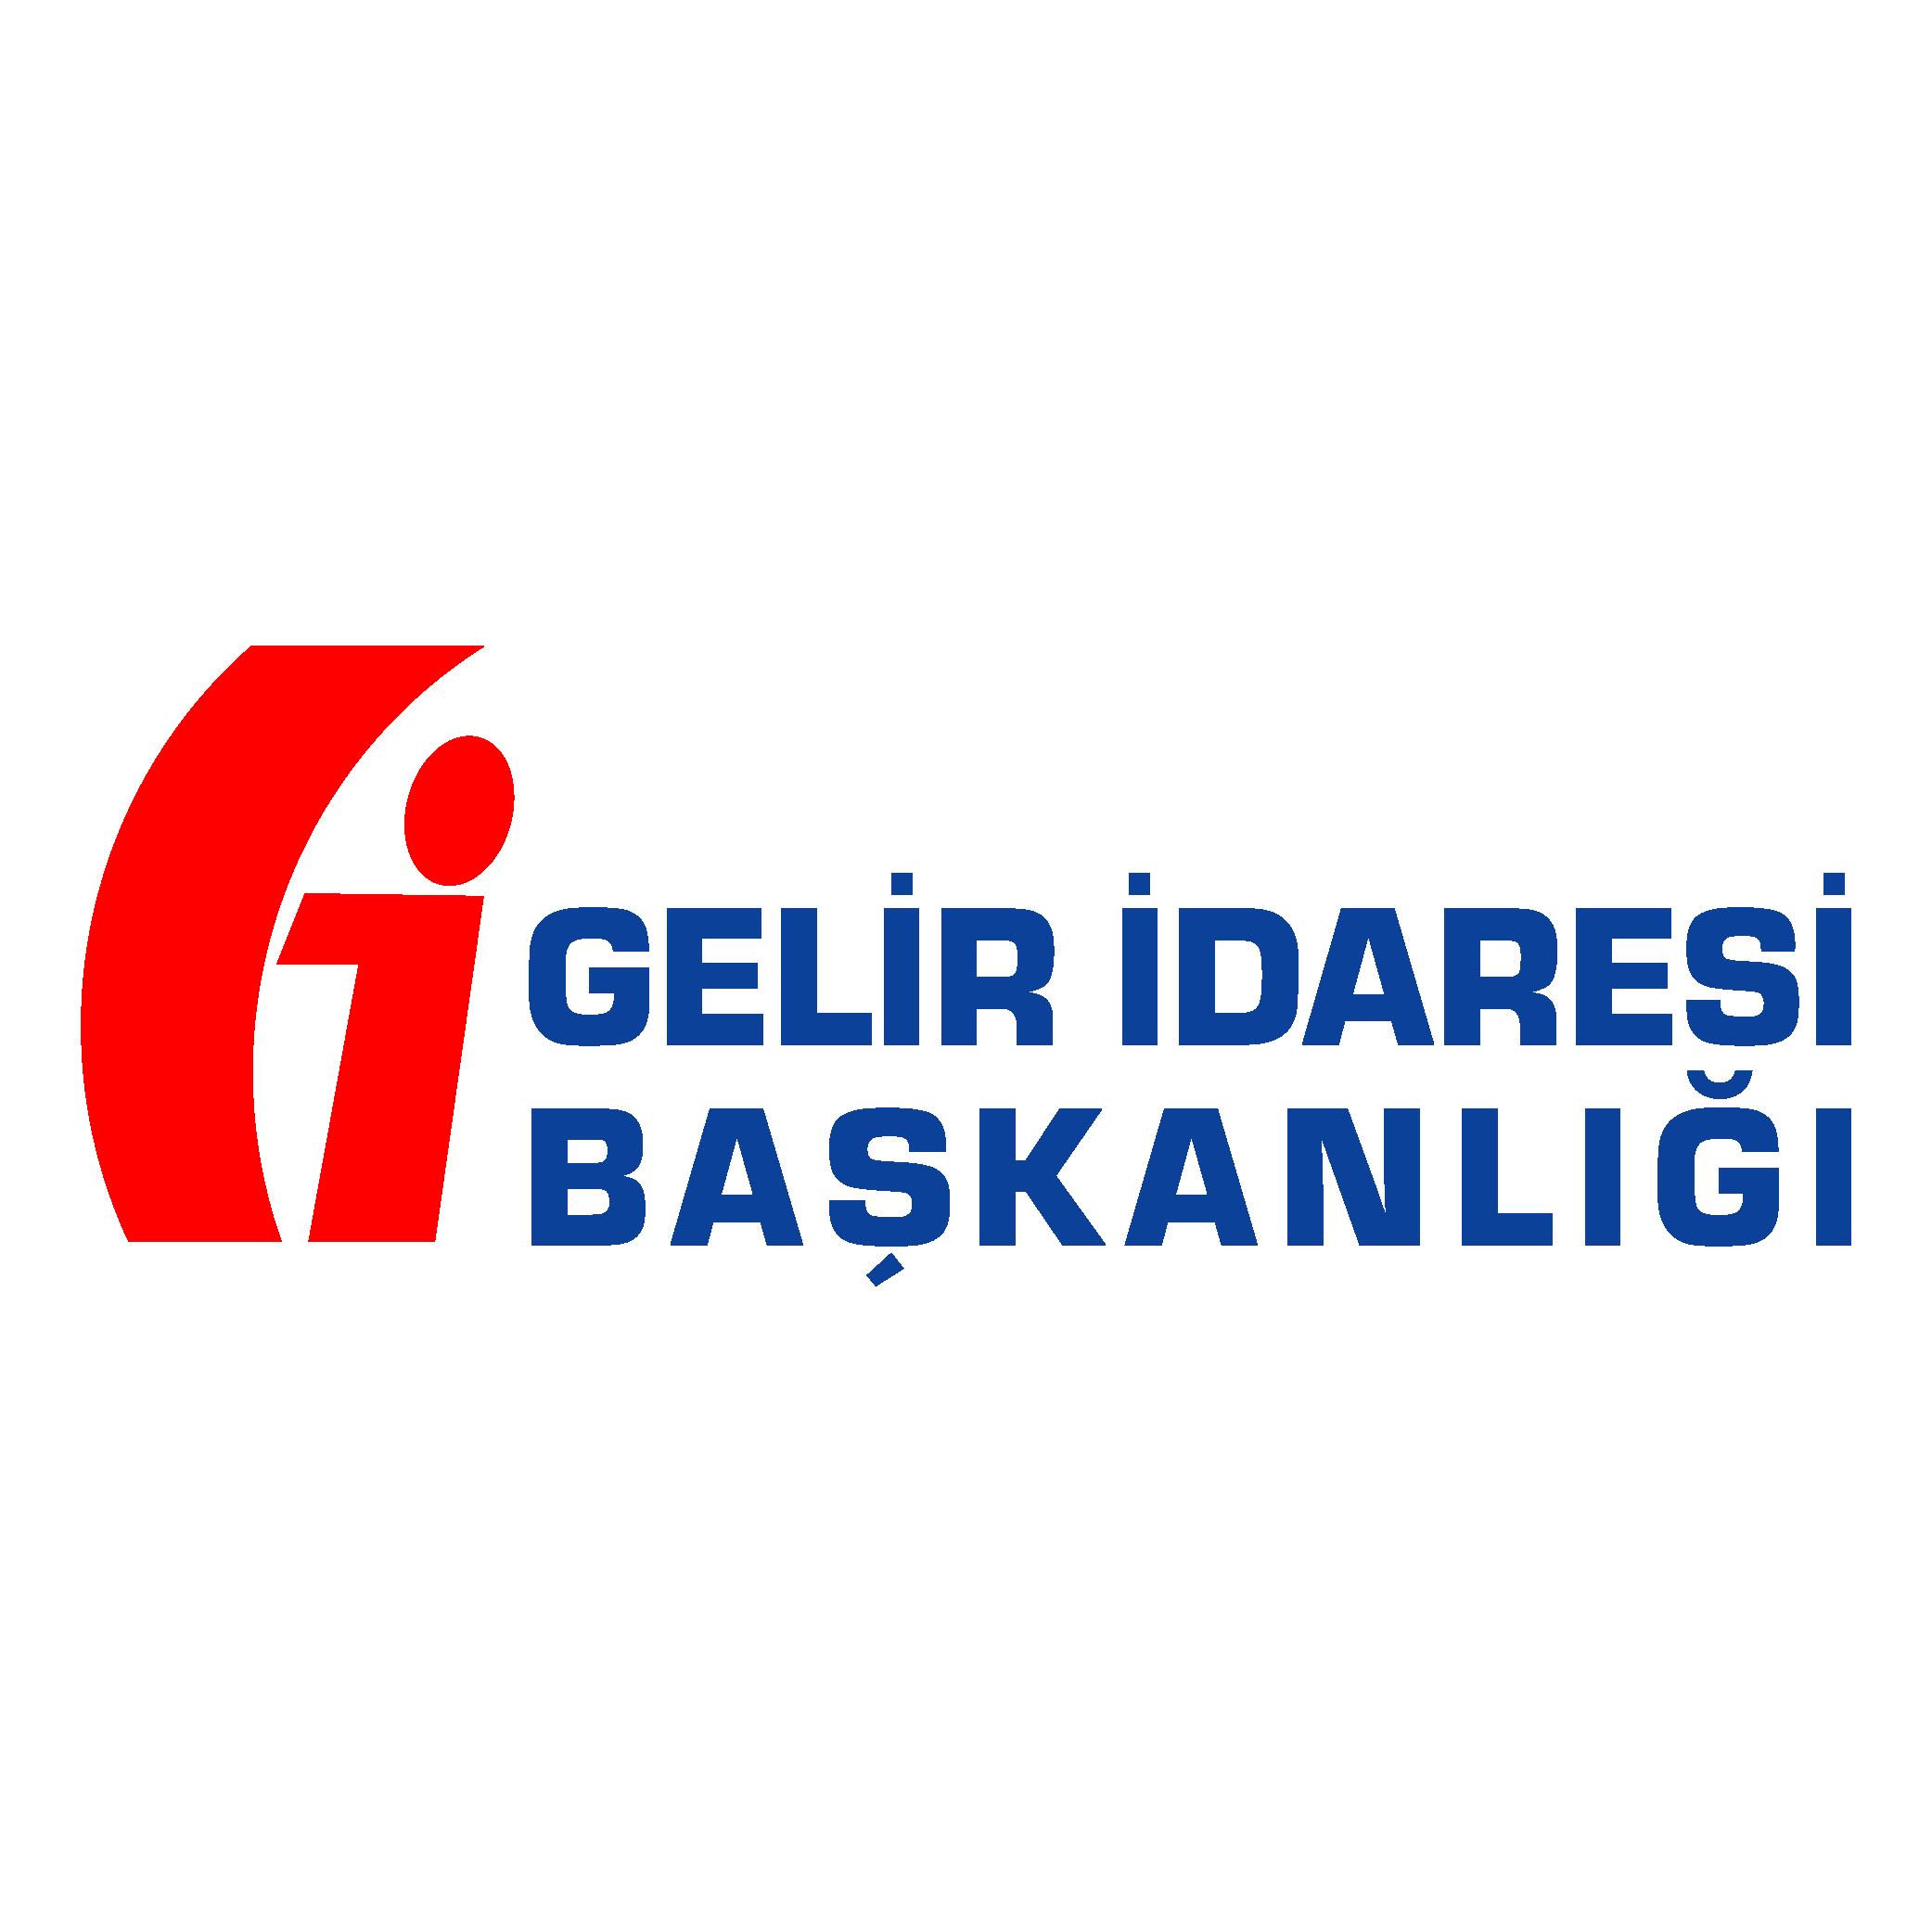 Gelir İdaresi Başkanlığı Logosu [gib.gov.tr] png